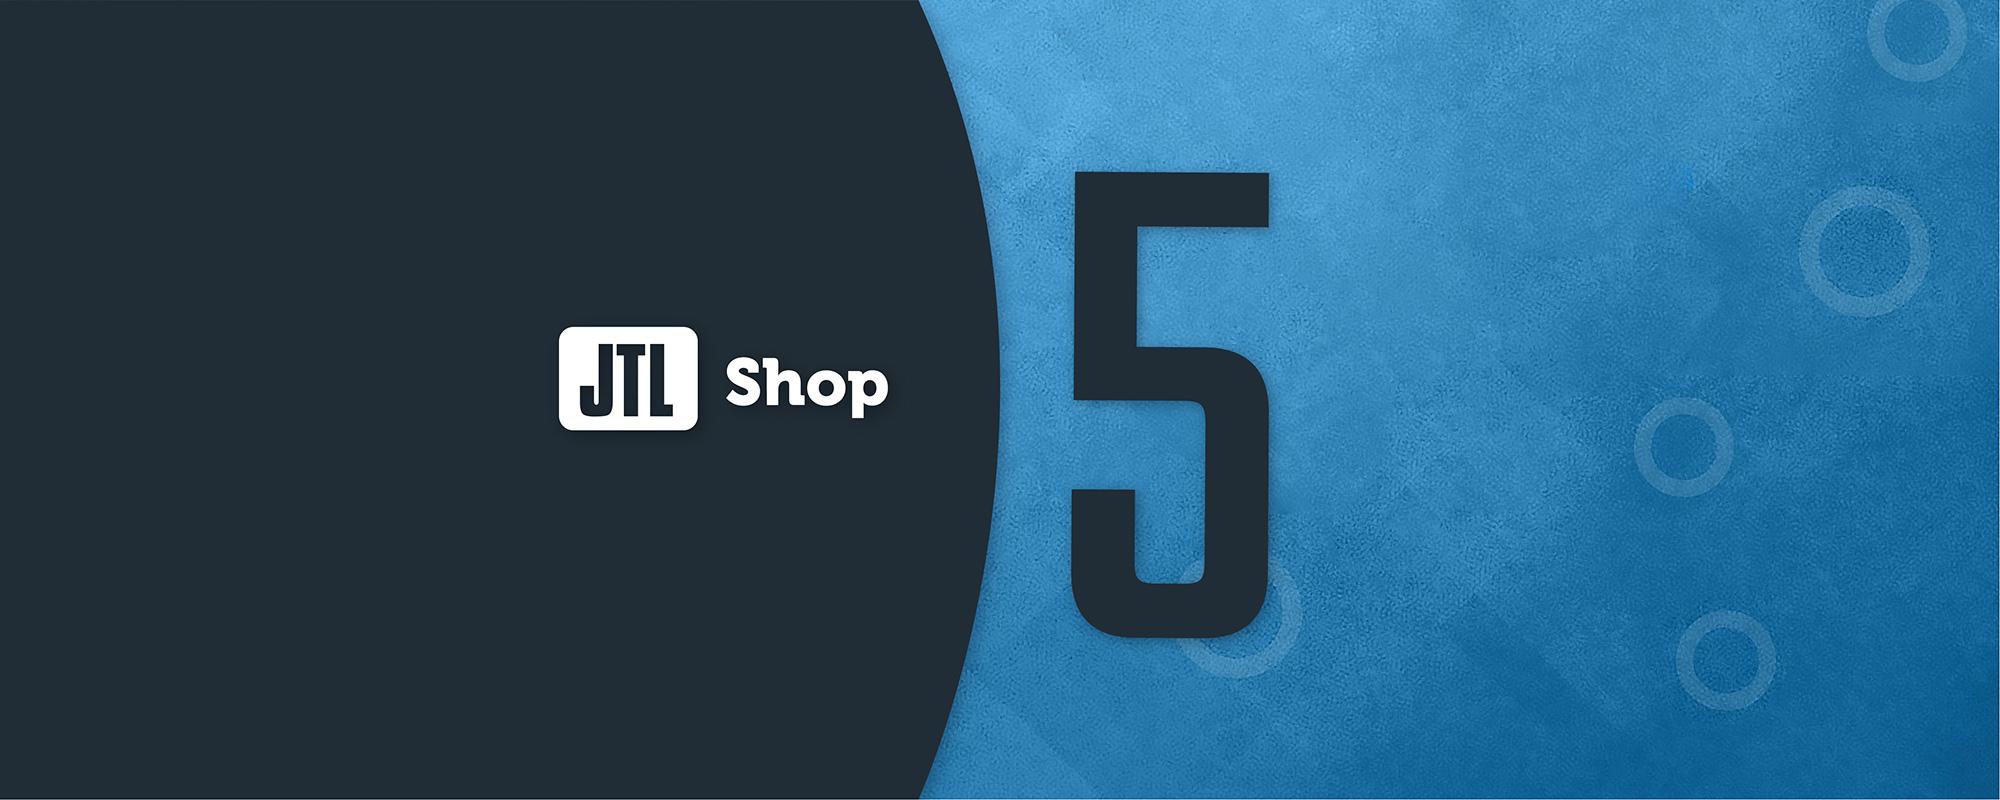 https://www.novalnet-solutions.com/wp-content/uploads/2021/02/JTL-Shop-5-Header.jpg